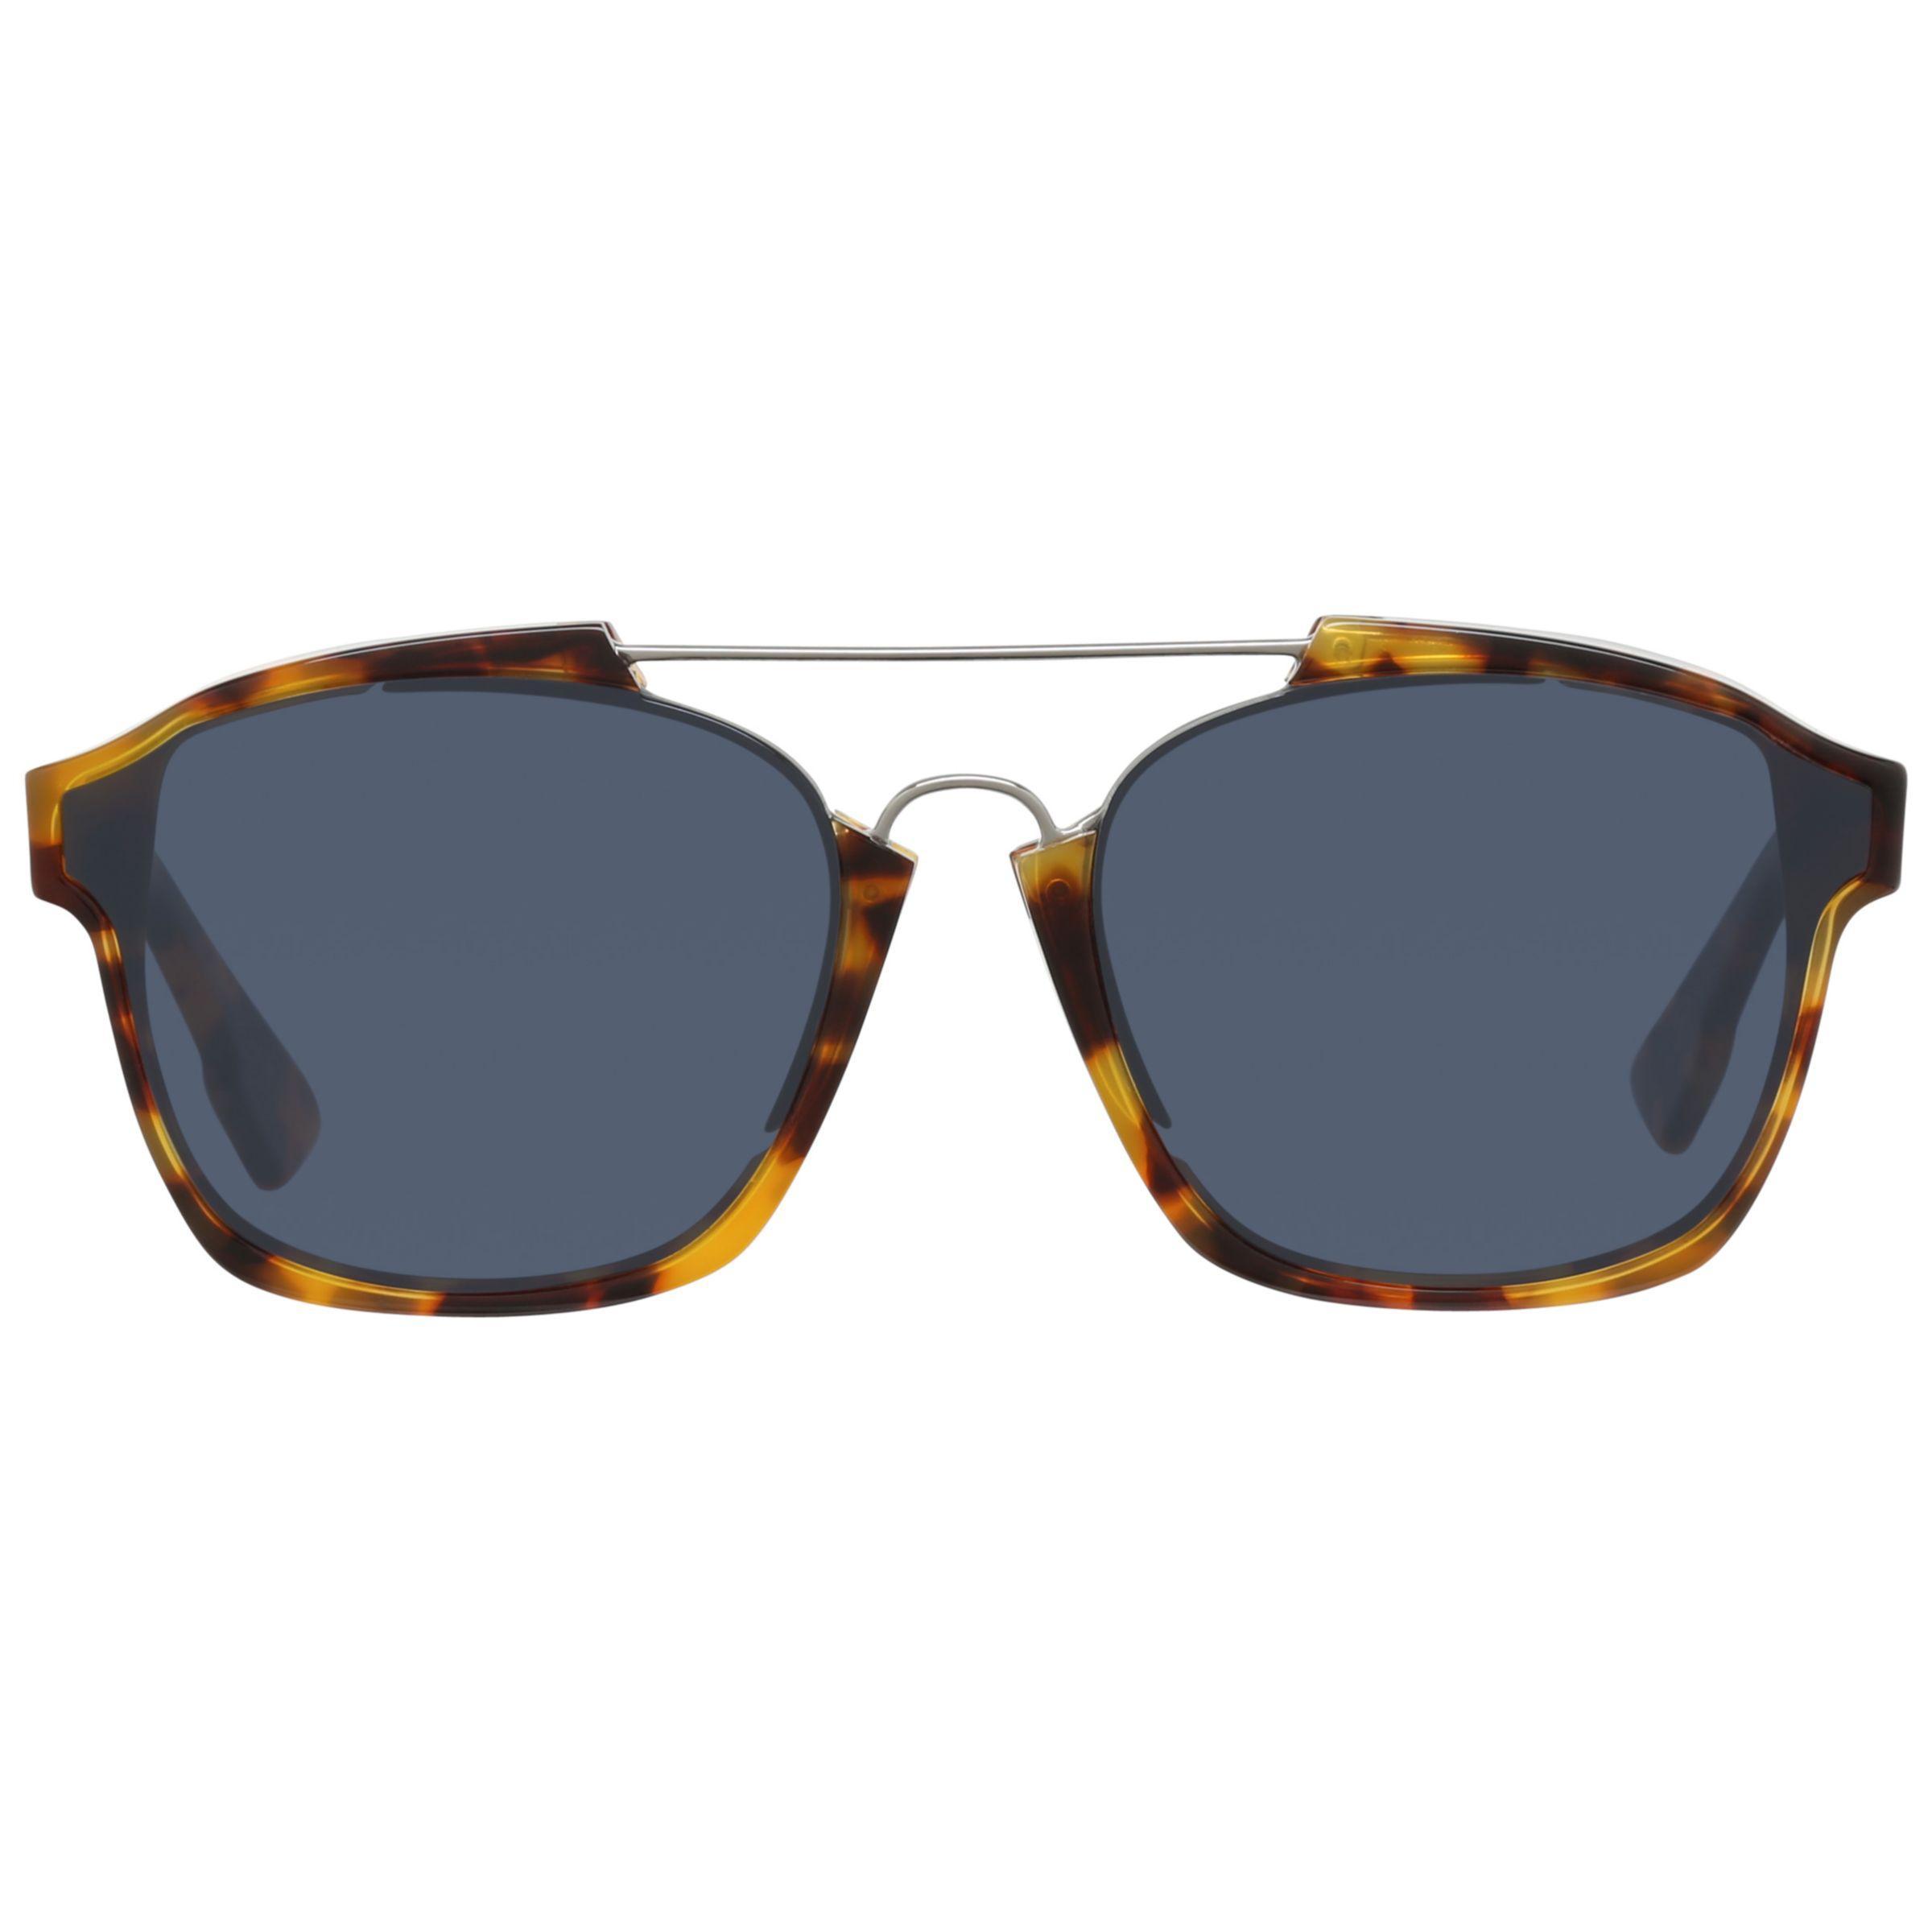 883da105ce Dior - Blue Women s Abstract Rectangular Sunglasses - Lyst. View fullscreen